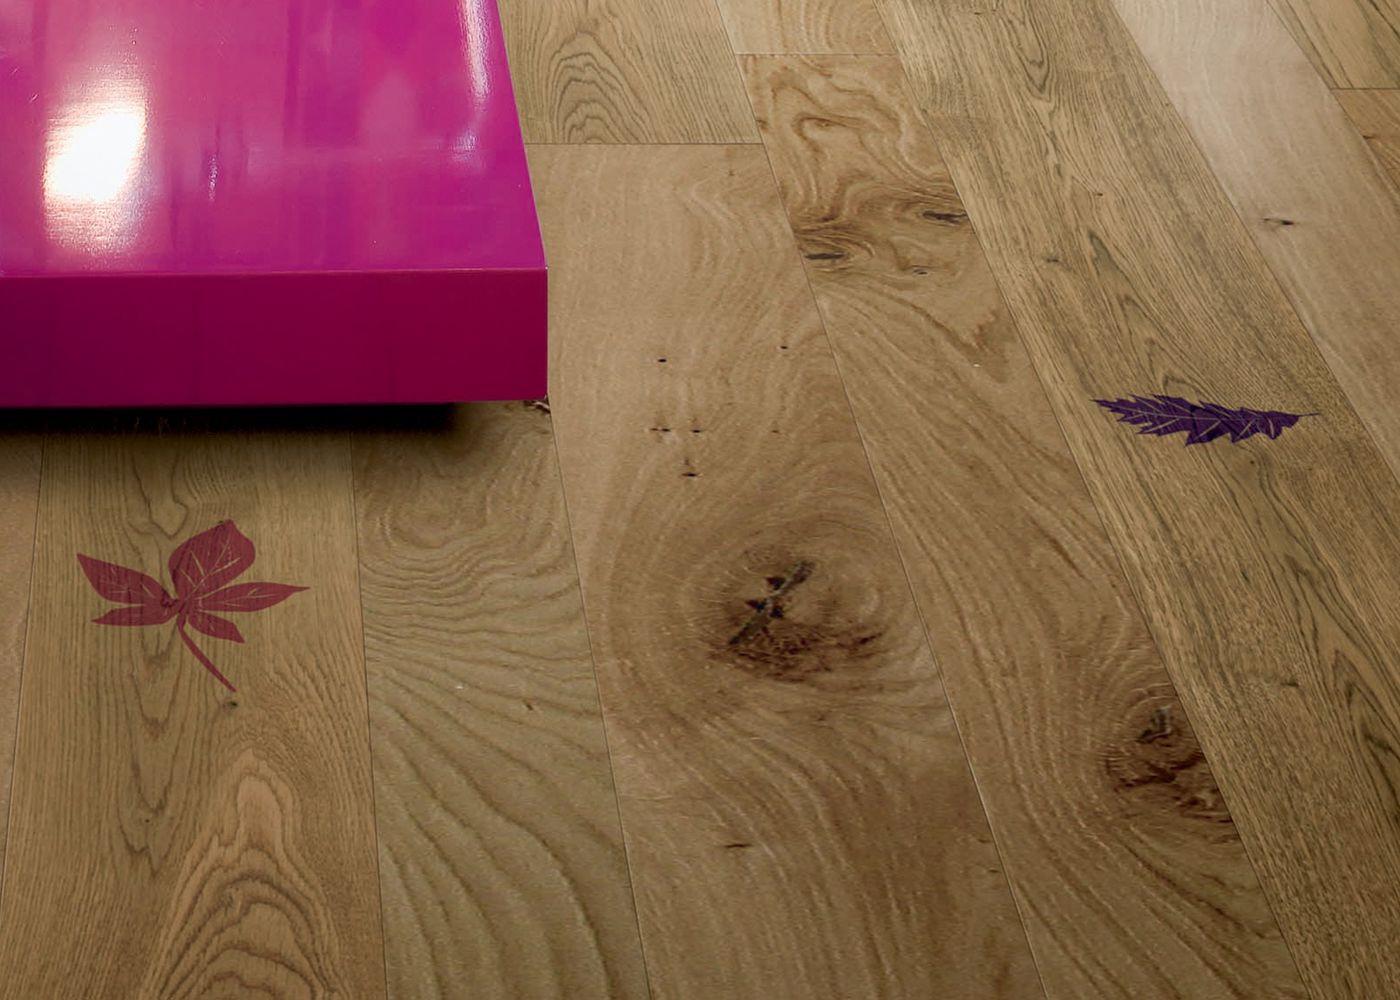 Parquet Contrecollé Monolame Chêne G4 PR Bis Contemporain Vernis Brossé Mat Teinte Naturelle (b5)- Design Imprinting 1 - (marco Ferreri )- Pefc - Fsc